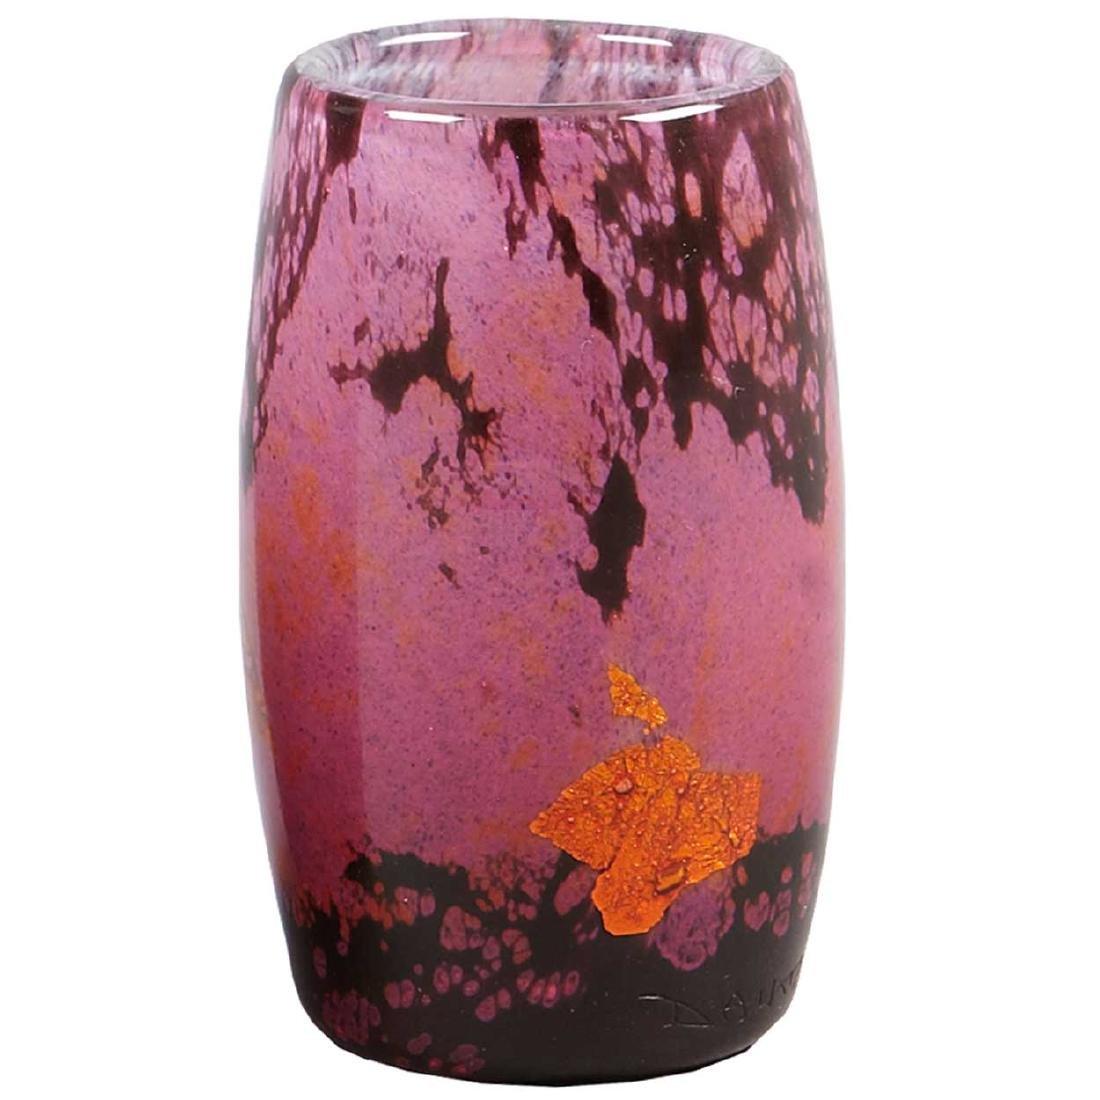 French Daum Verre de Jade Art Glass Cabinet Vase